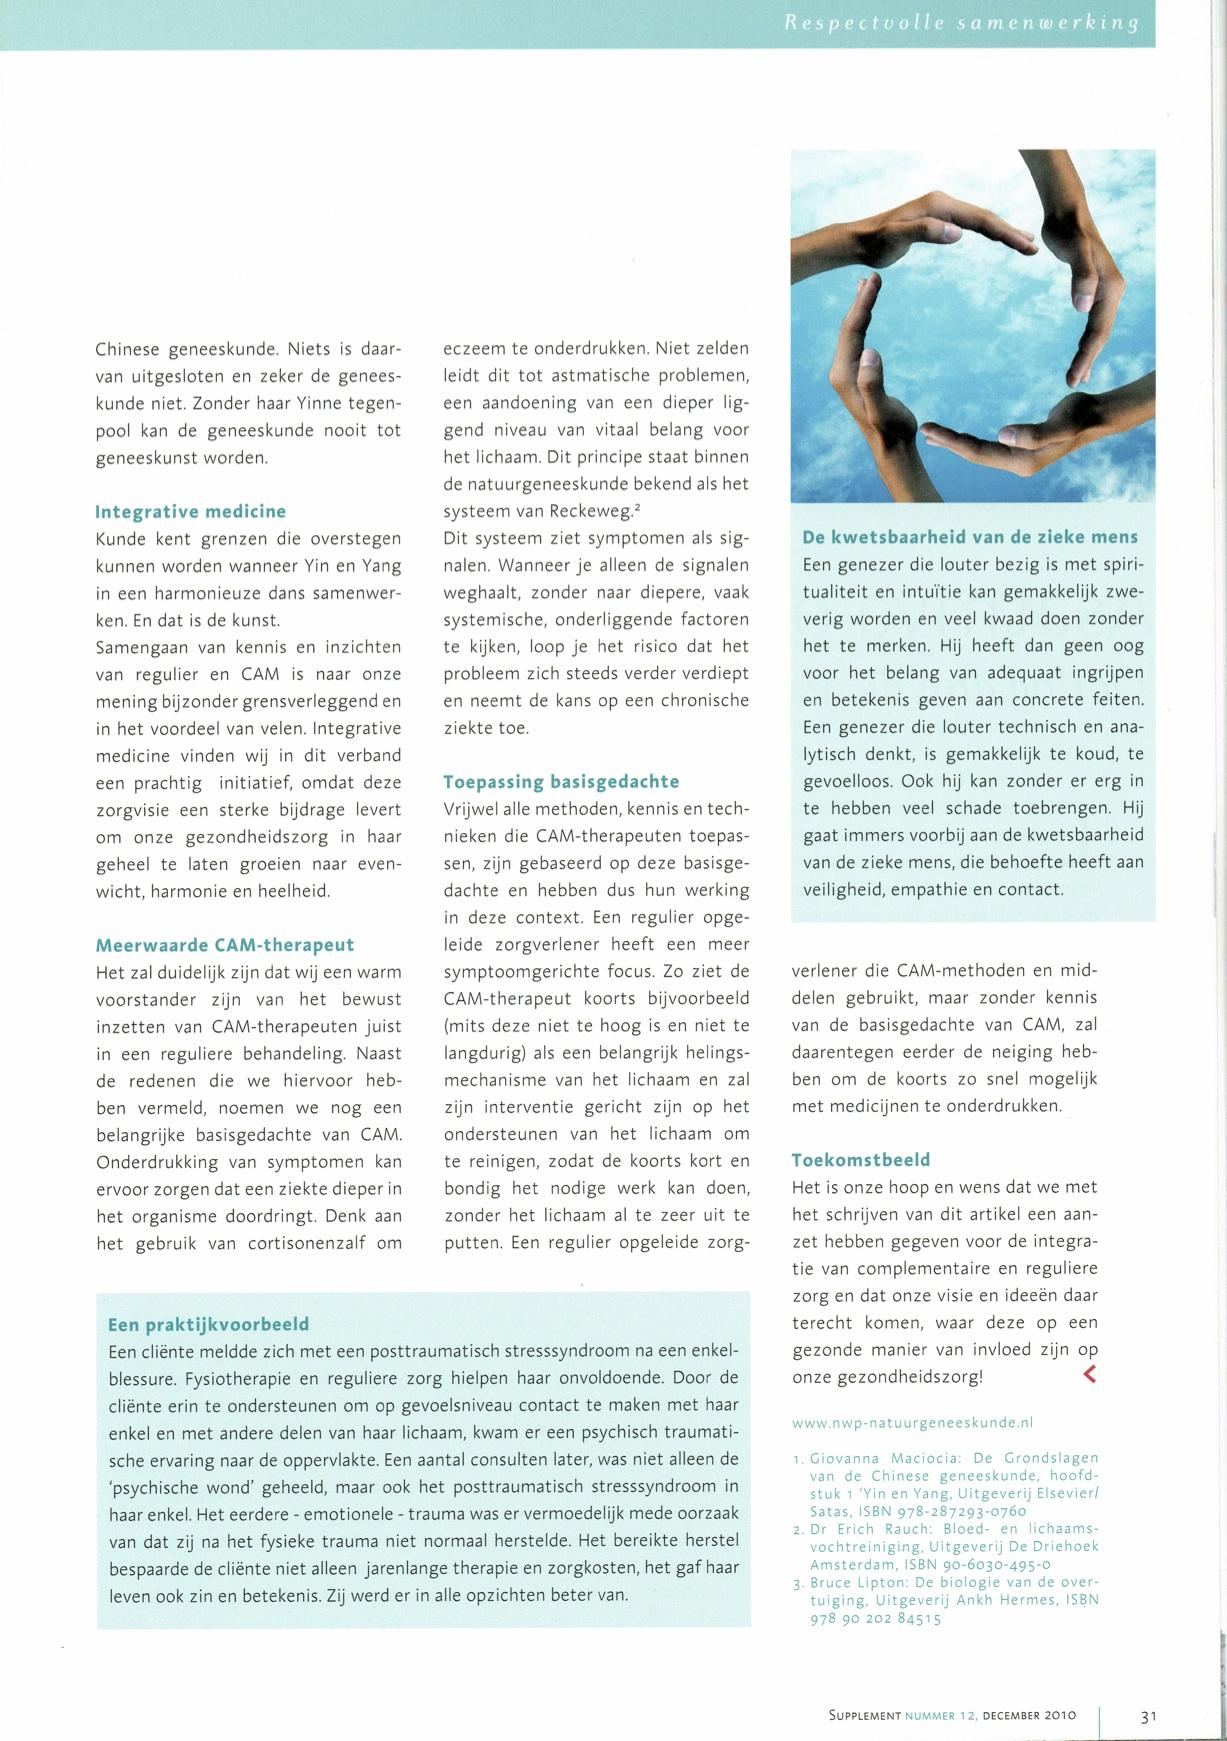 Pagina  4 Artikel  Respectvolle samenwerking in een gezonde gezondheidszorg